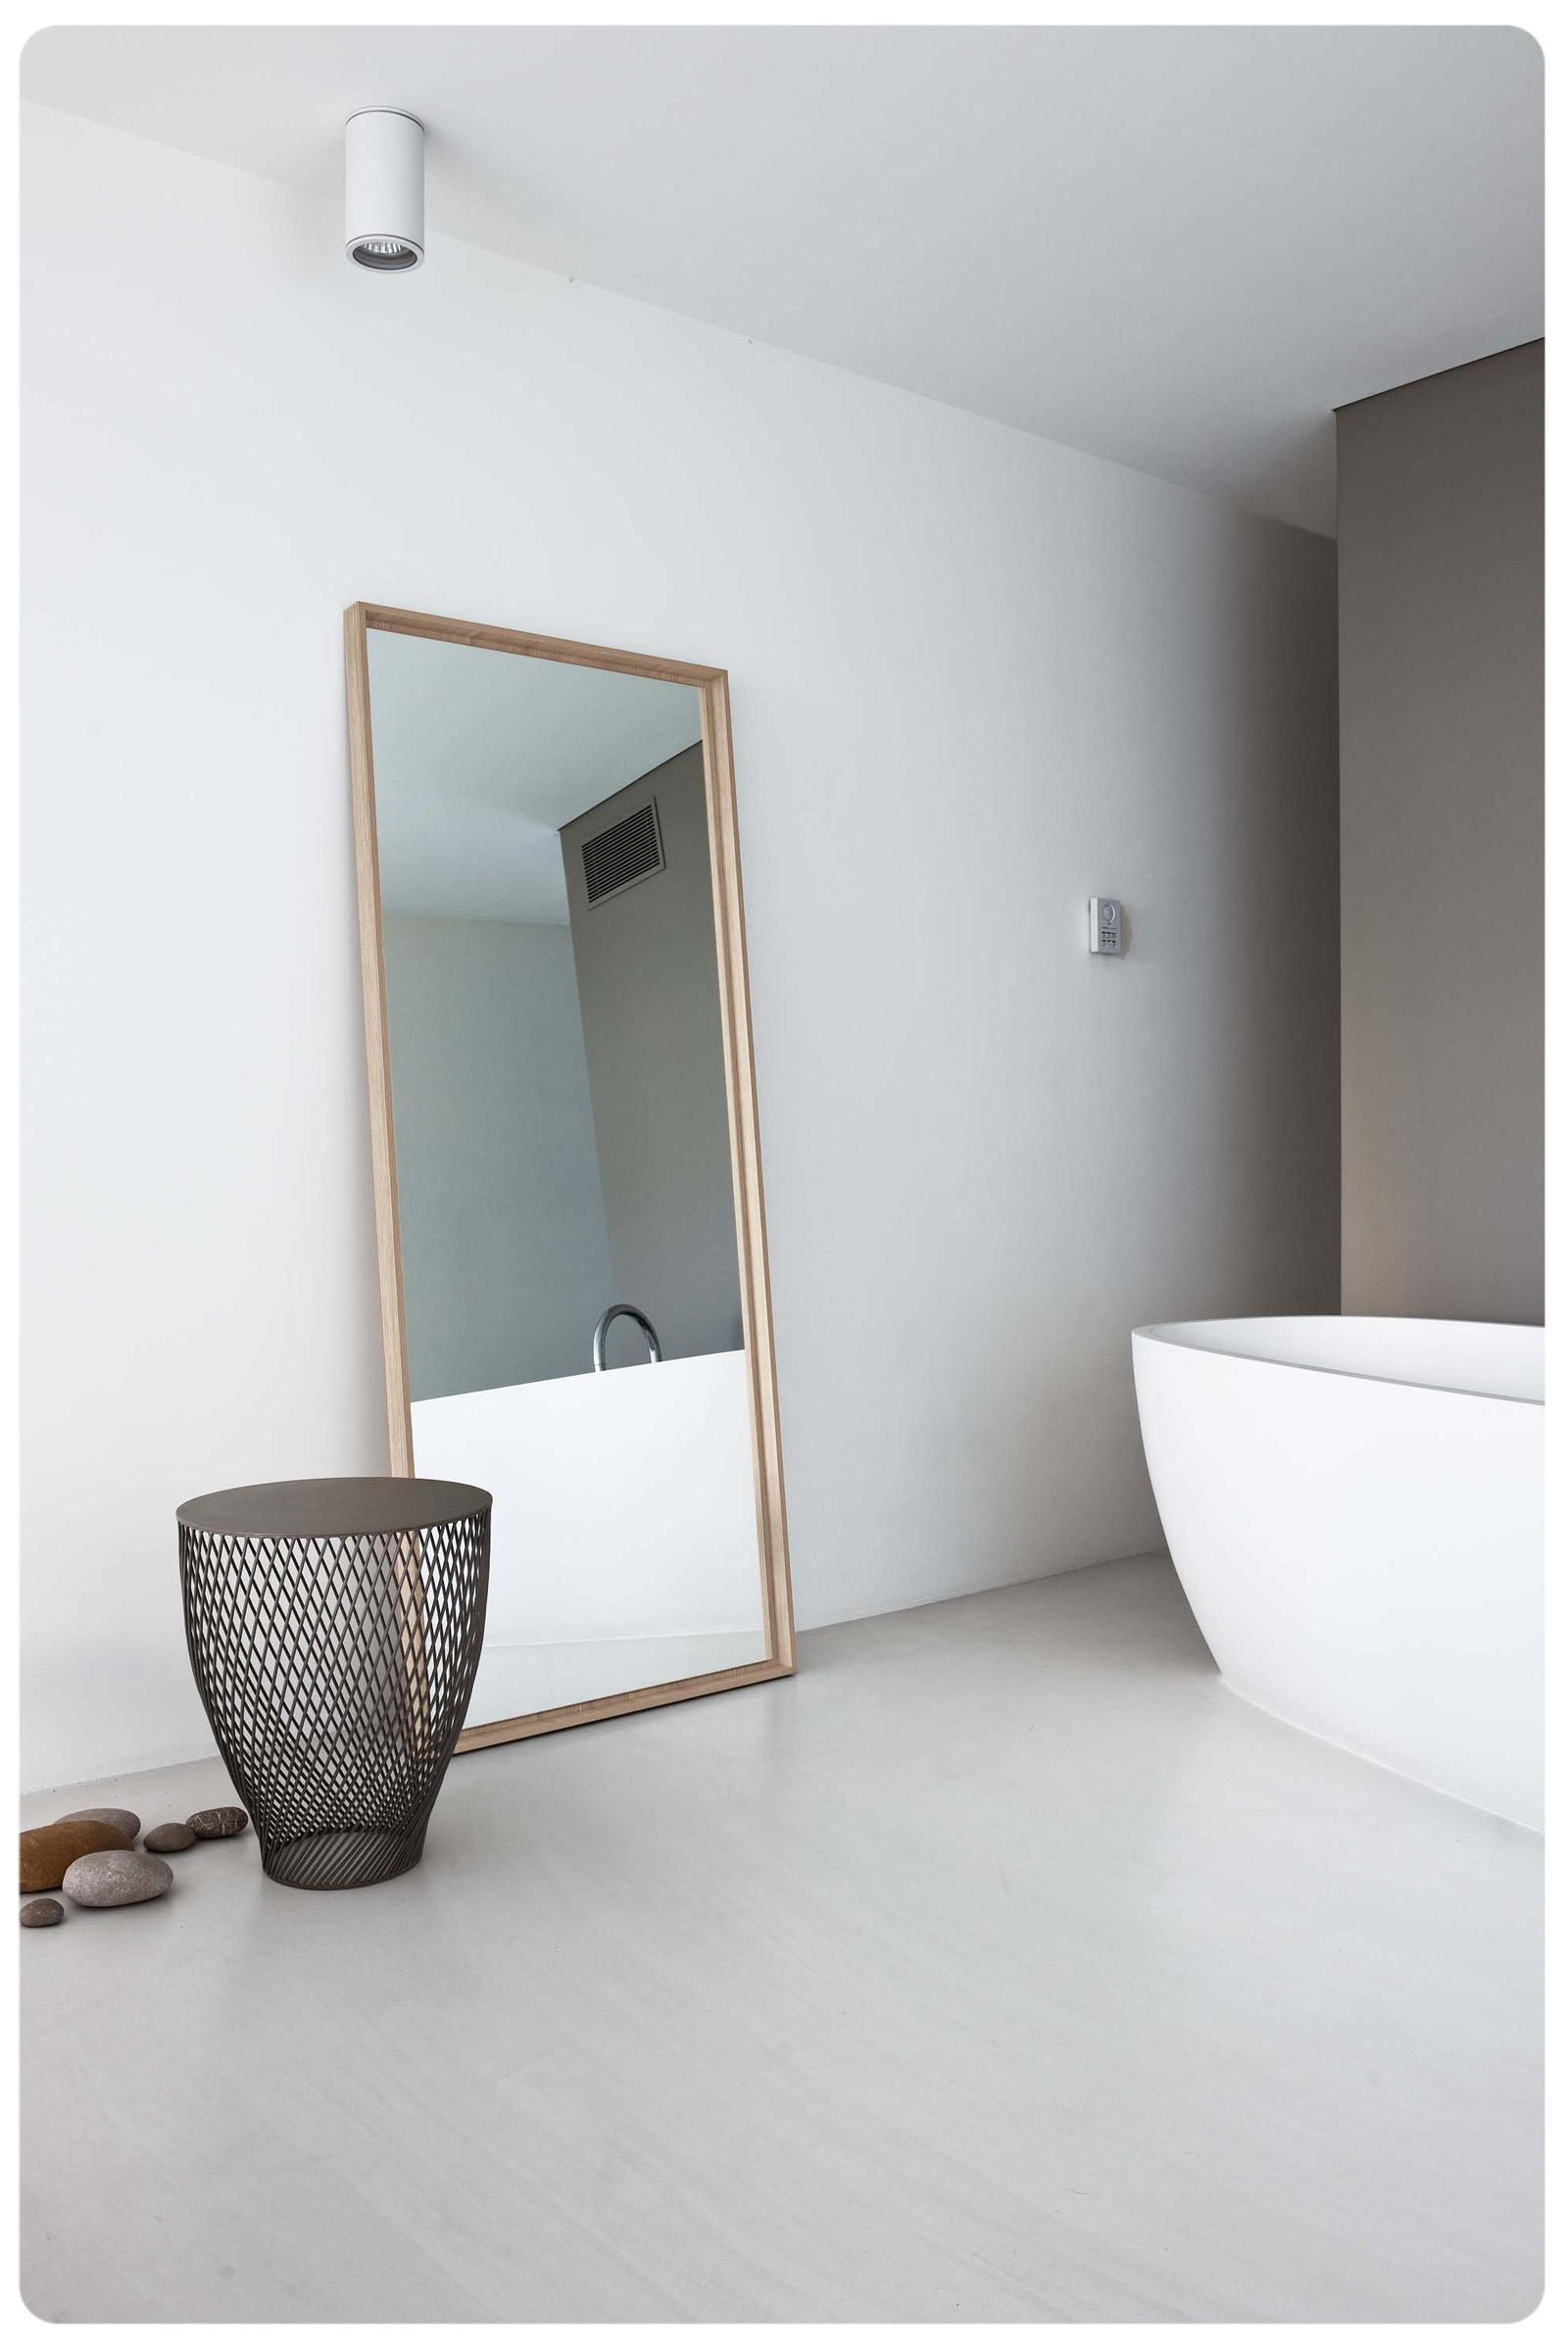 Specchi rettangolari moderni i mobili bagno moderni consigli e soluzioni arredo specchi del - Specchi bagno moderni ...